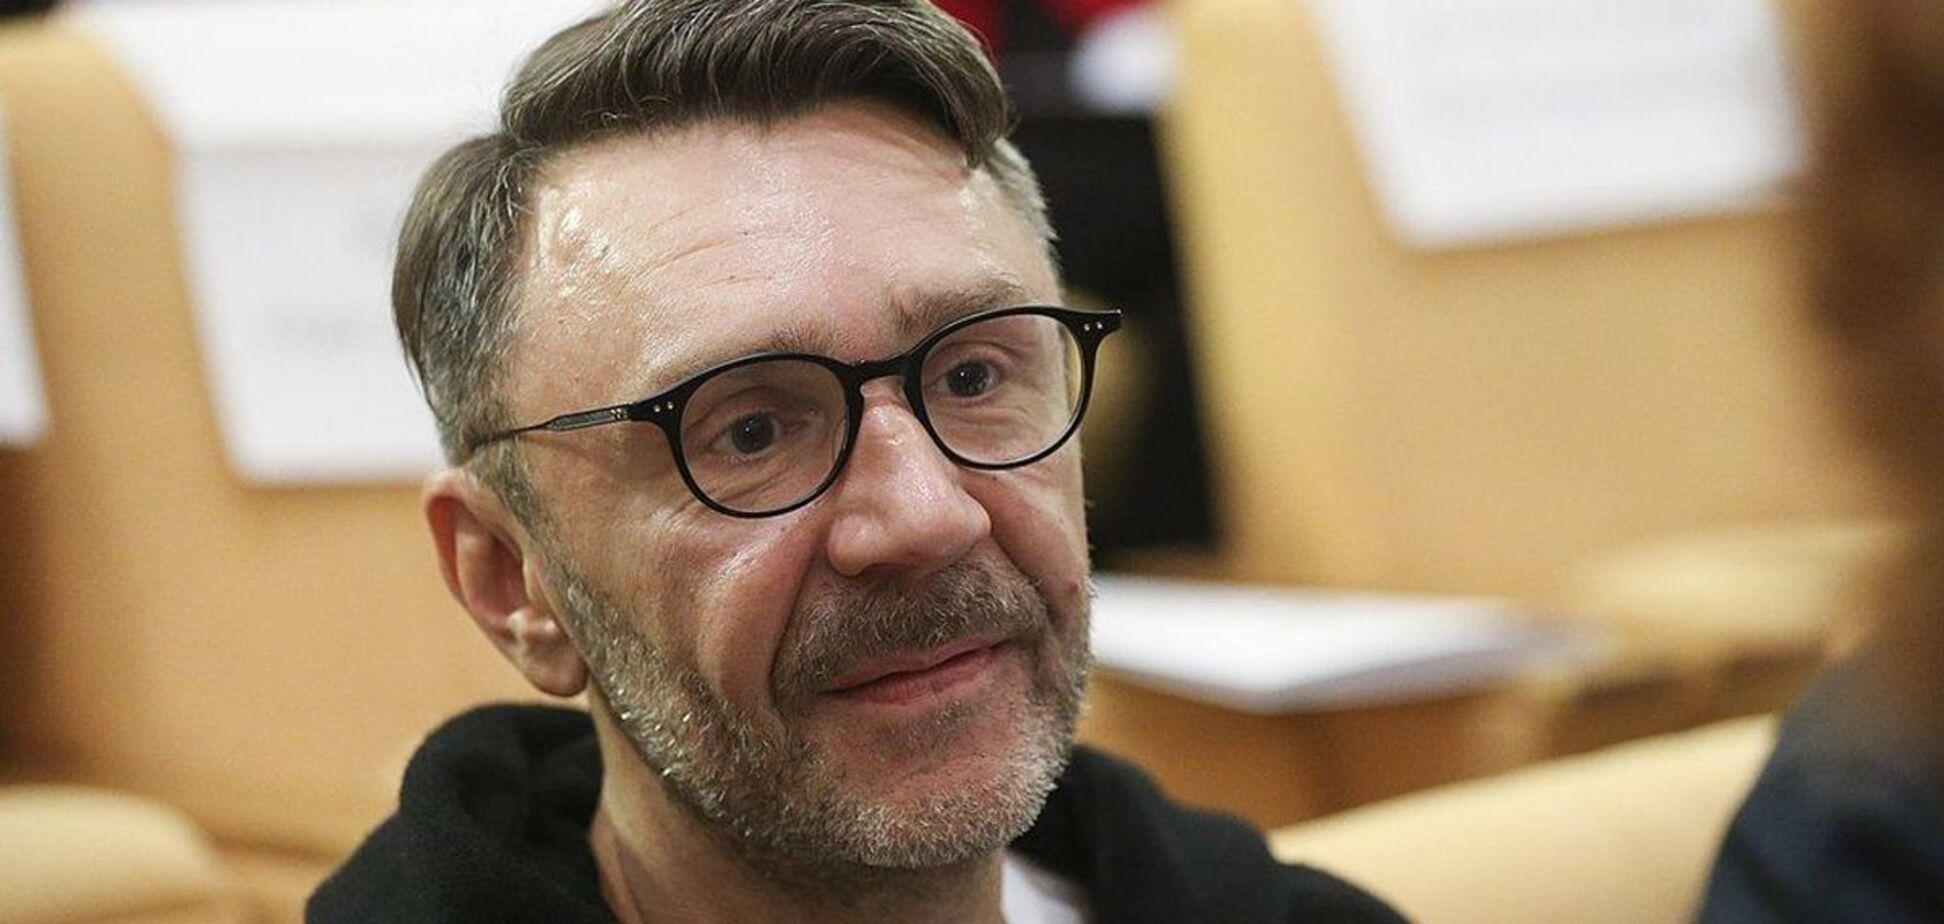 Сергей Шнуров посвятил стихотворение Алексею Навальному